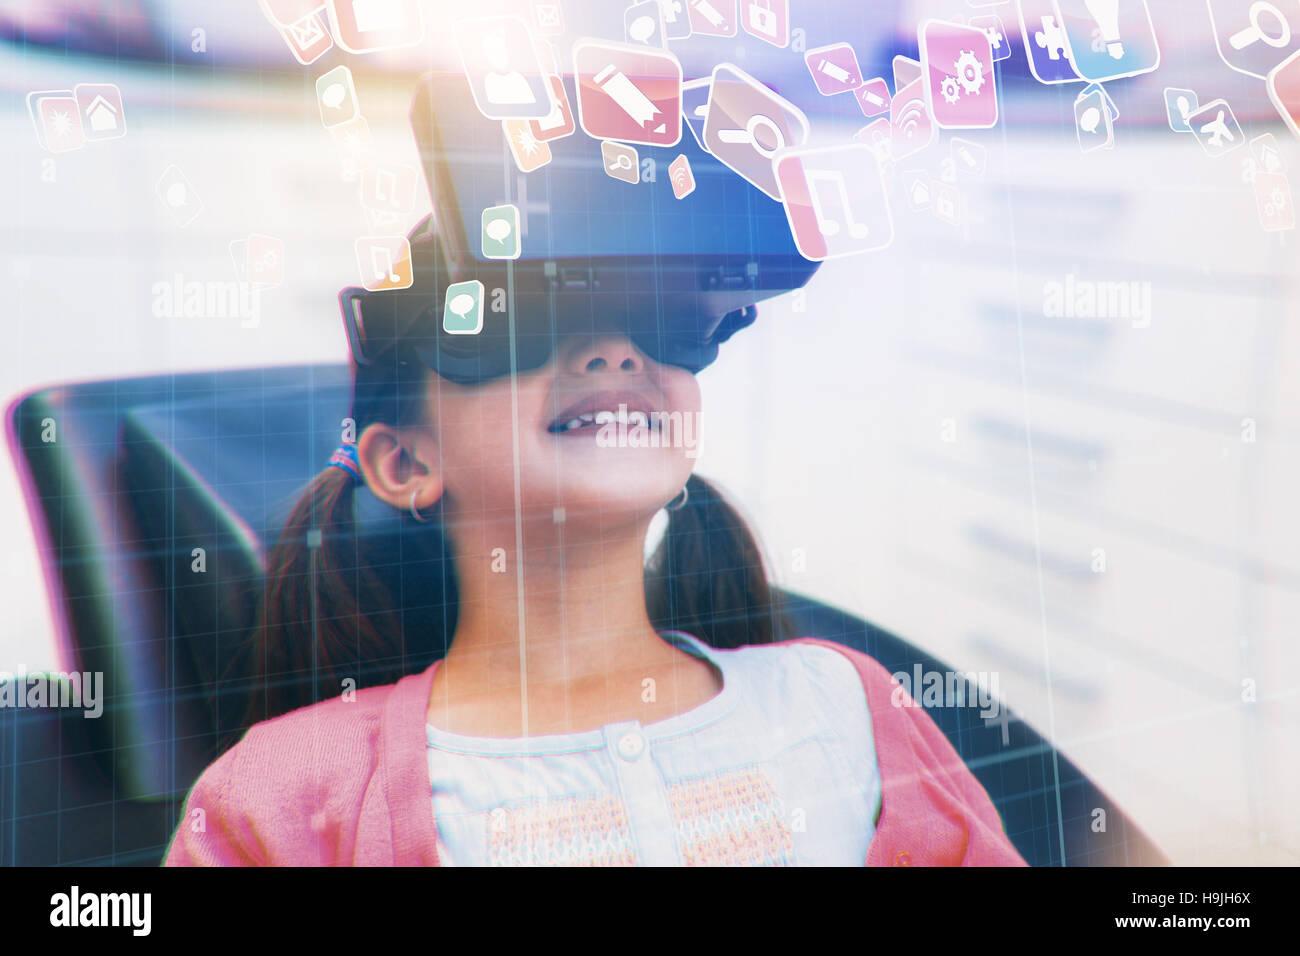 Imagen compuesta de coloridas aplicaciones informáticas Imagen De Stock